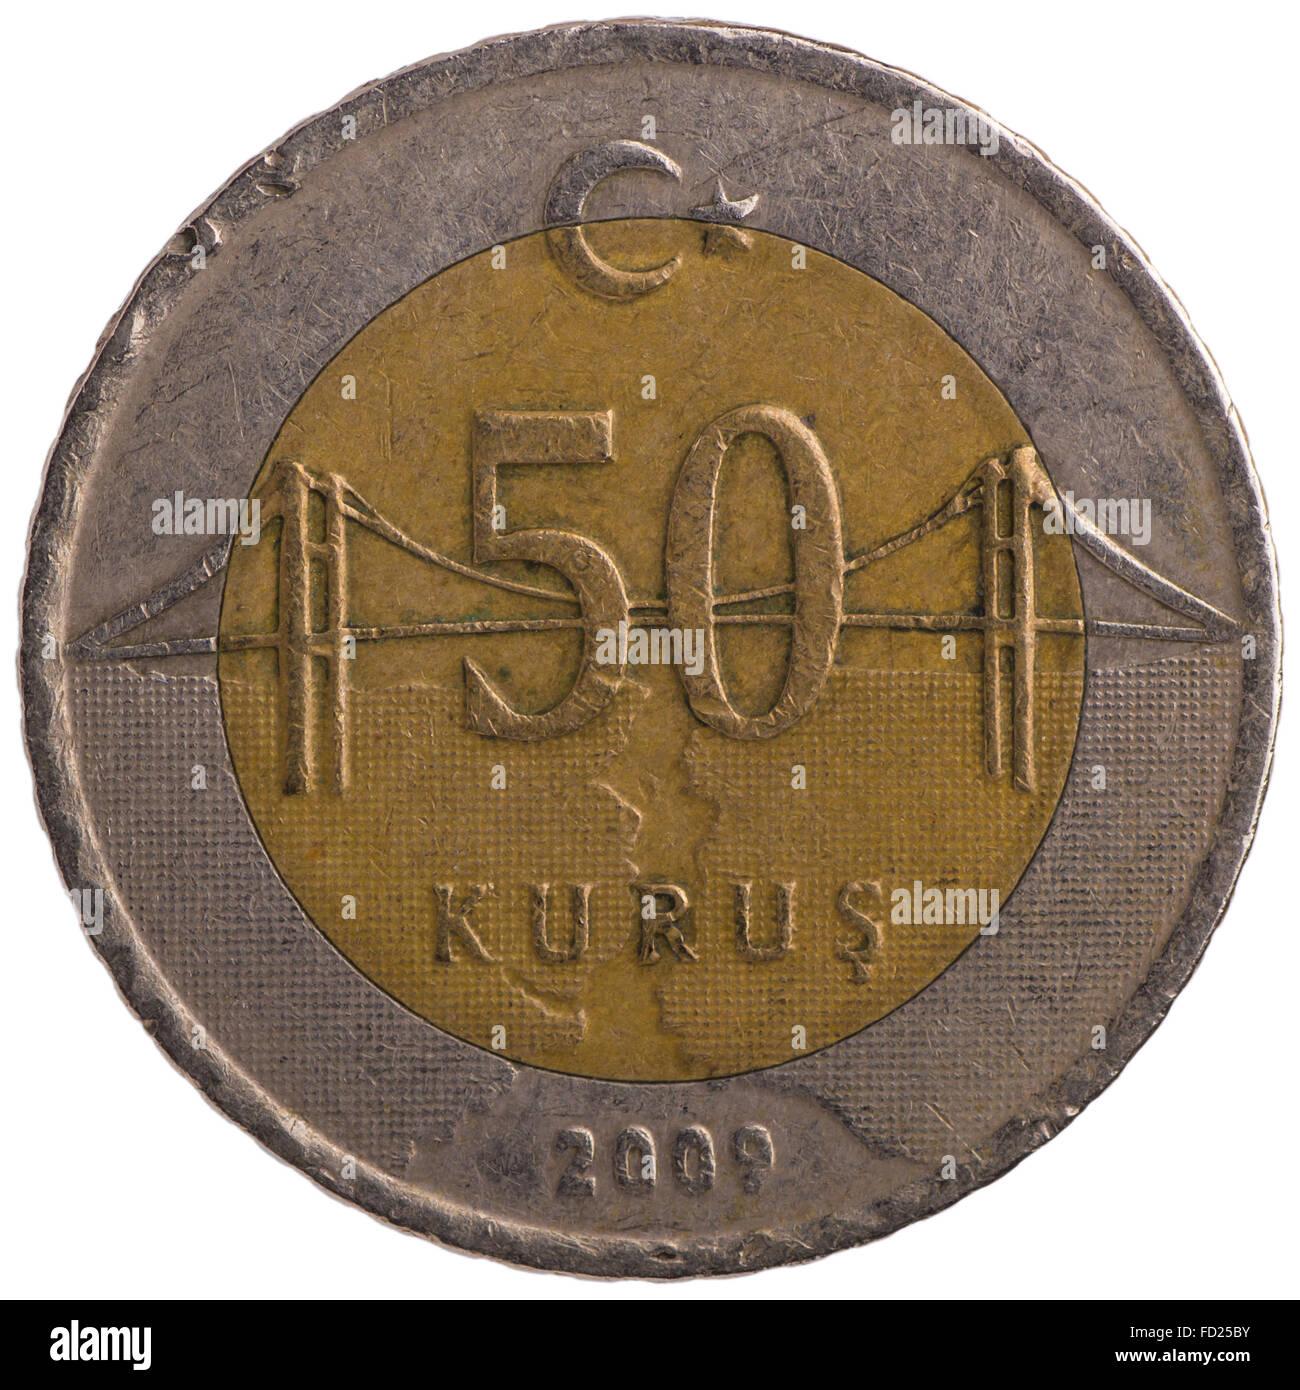 50 Turkish kurus coin, 2009, back, isolated on white background Stock Photo